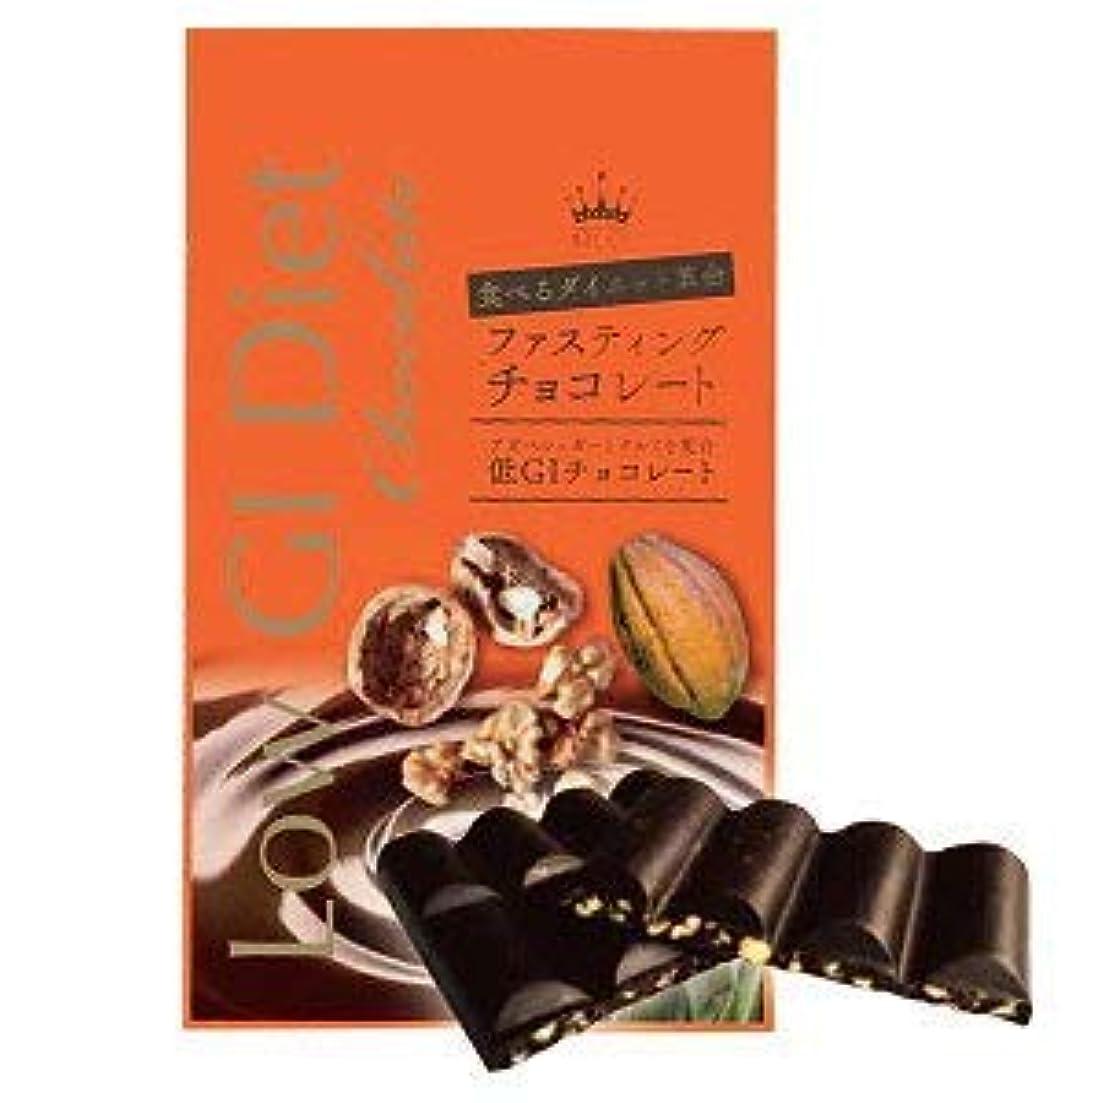 チャーター店主ストラップファスティングチョコレート 25g×3個 1袋